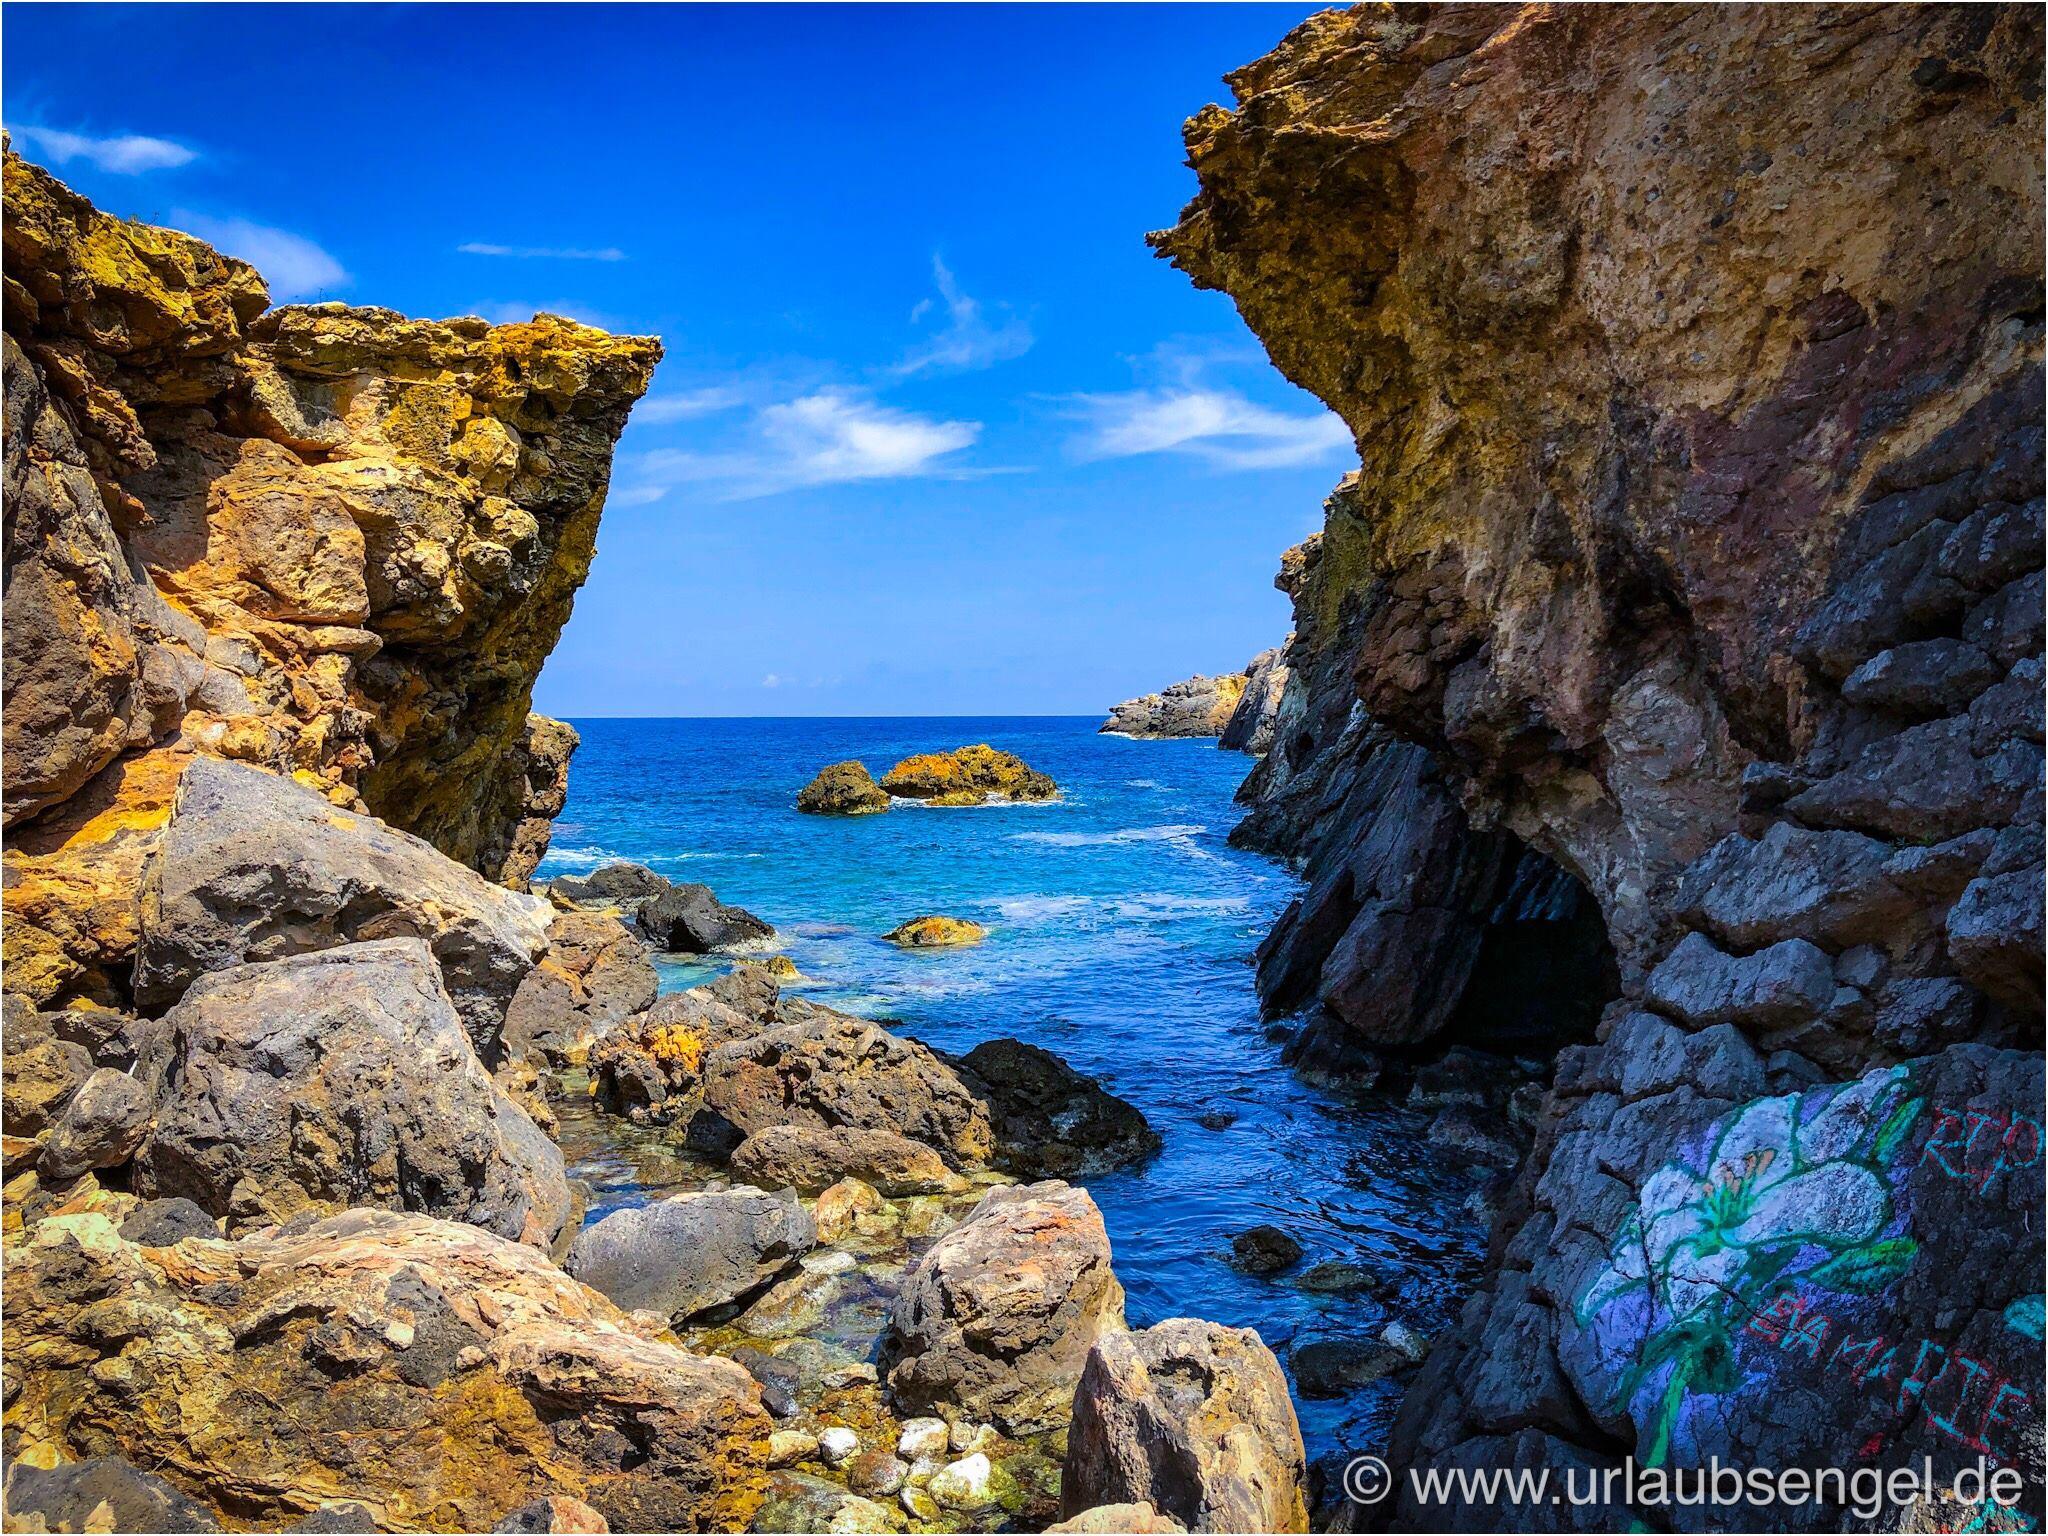 Am Meer auf Ibiza